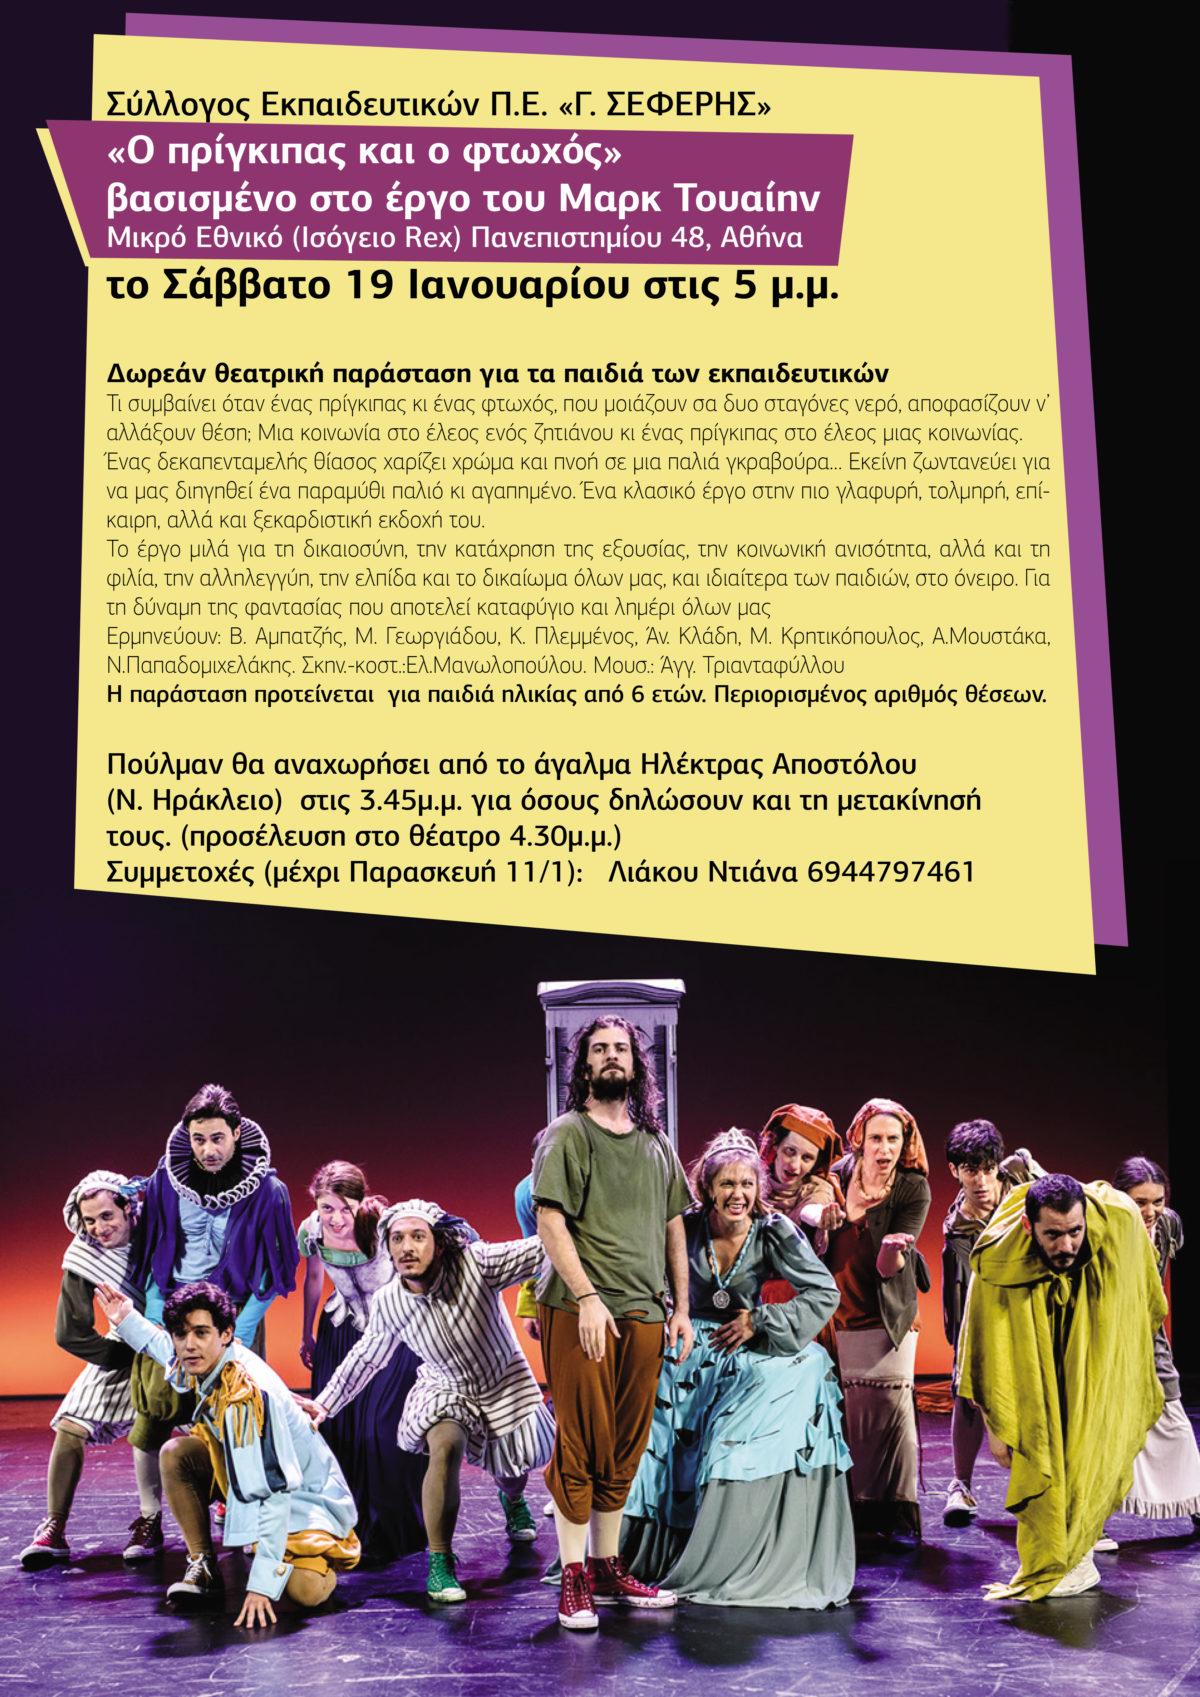 Δωρεάν θεατρική παράσταση για τα παιδιά των εκπαιδευτικών